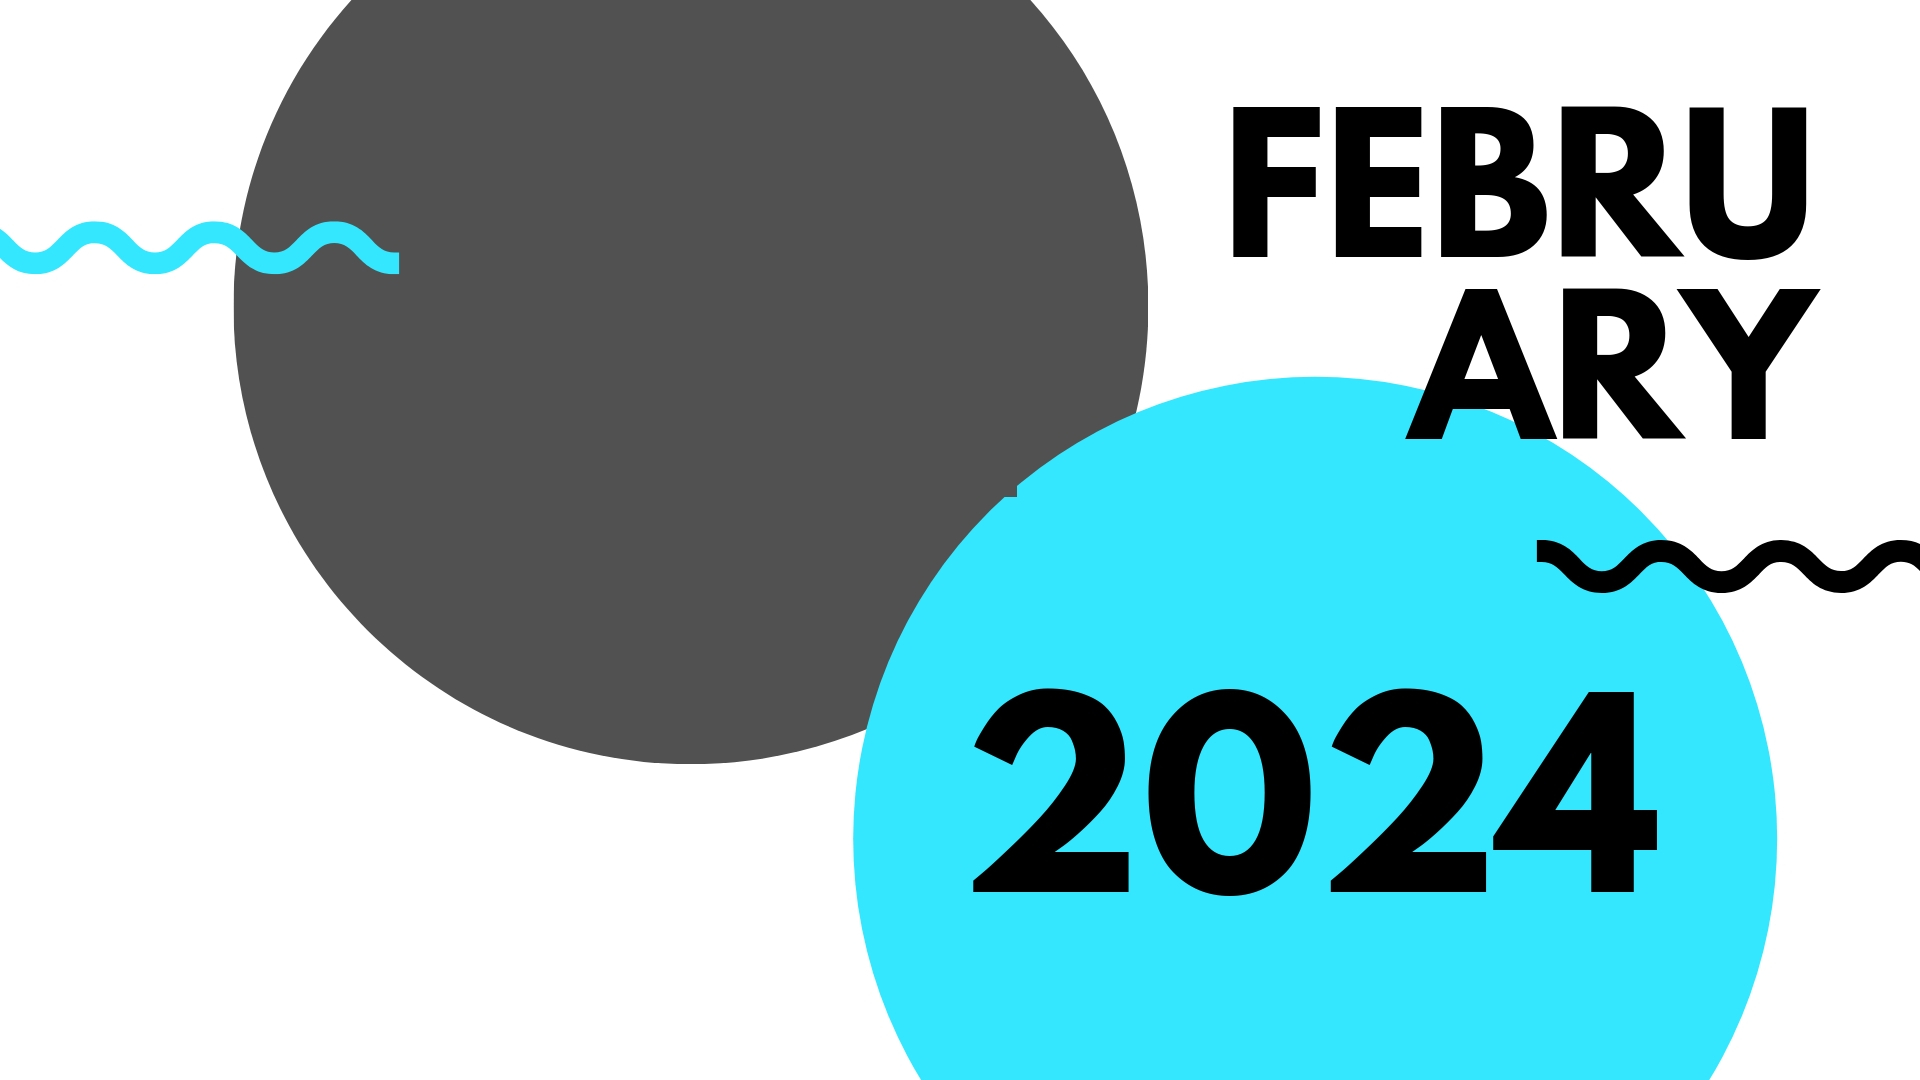 2024 image